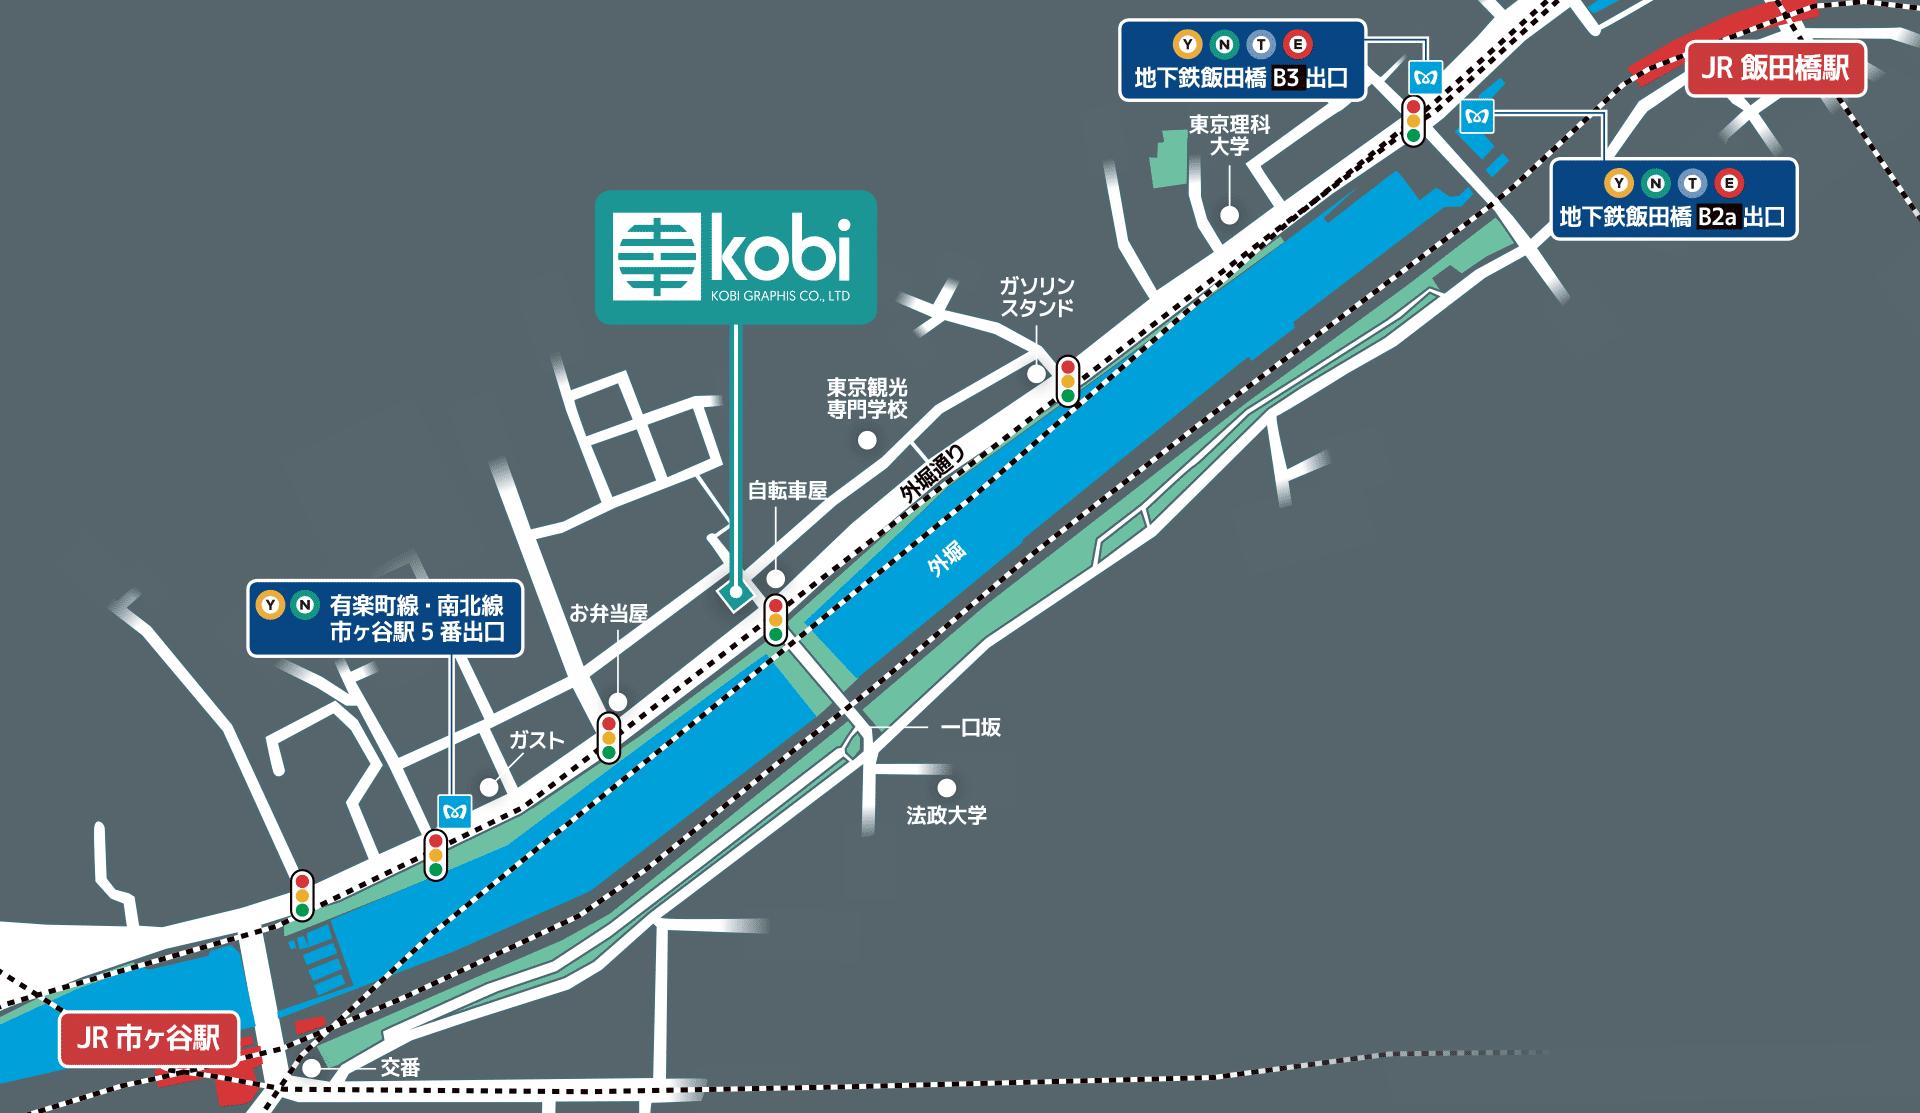 Kobi access map